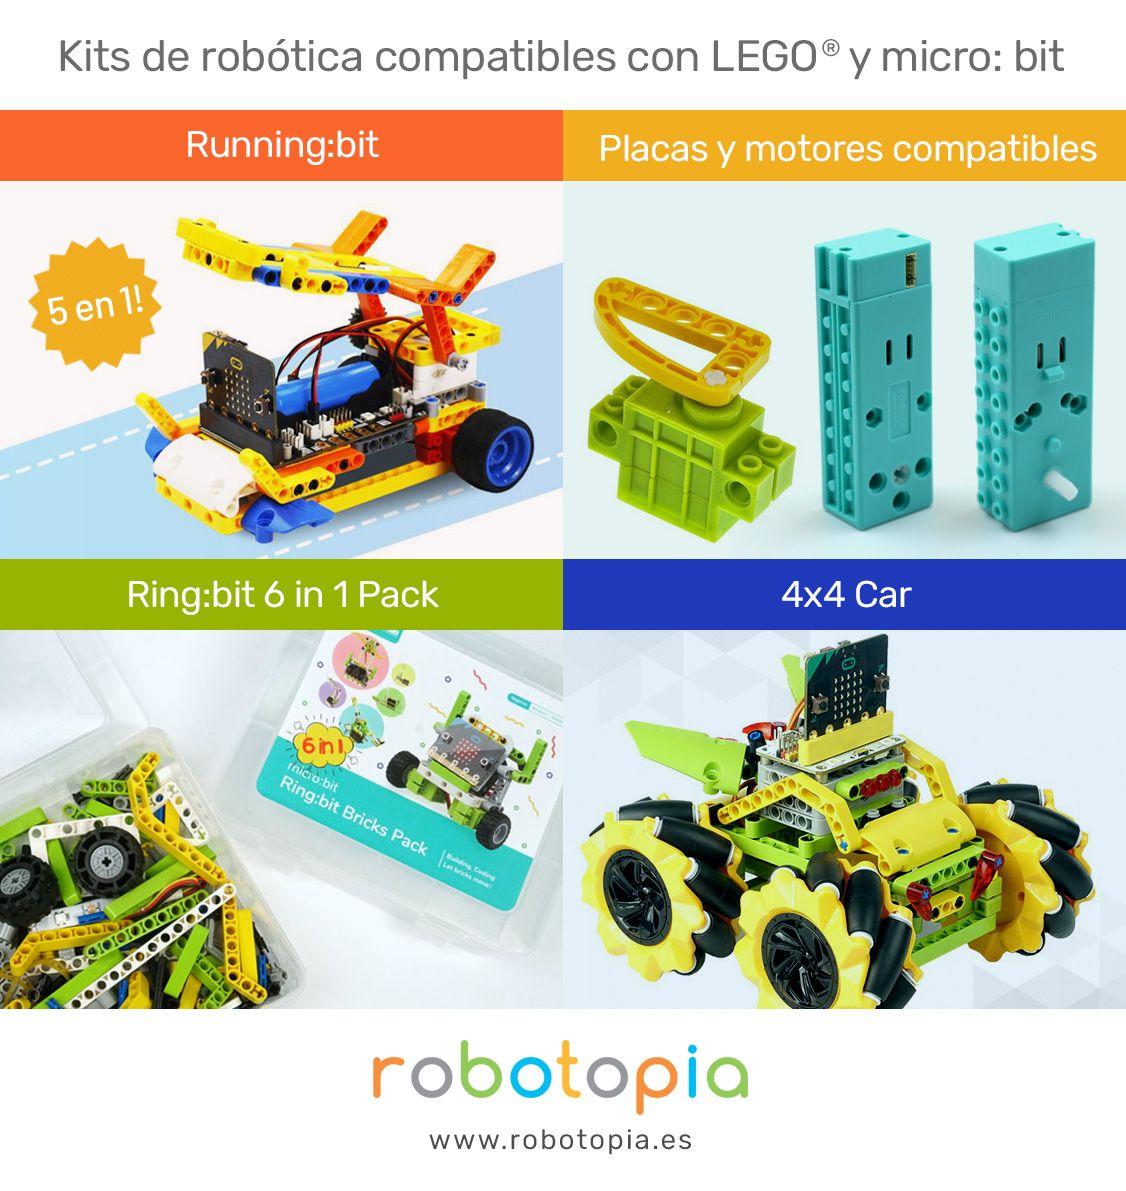 Foto de Kits de robótica compatibles con LEGO y micro:bit